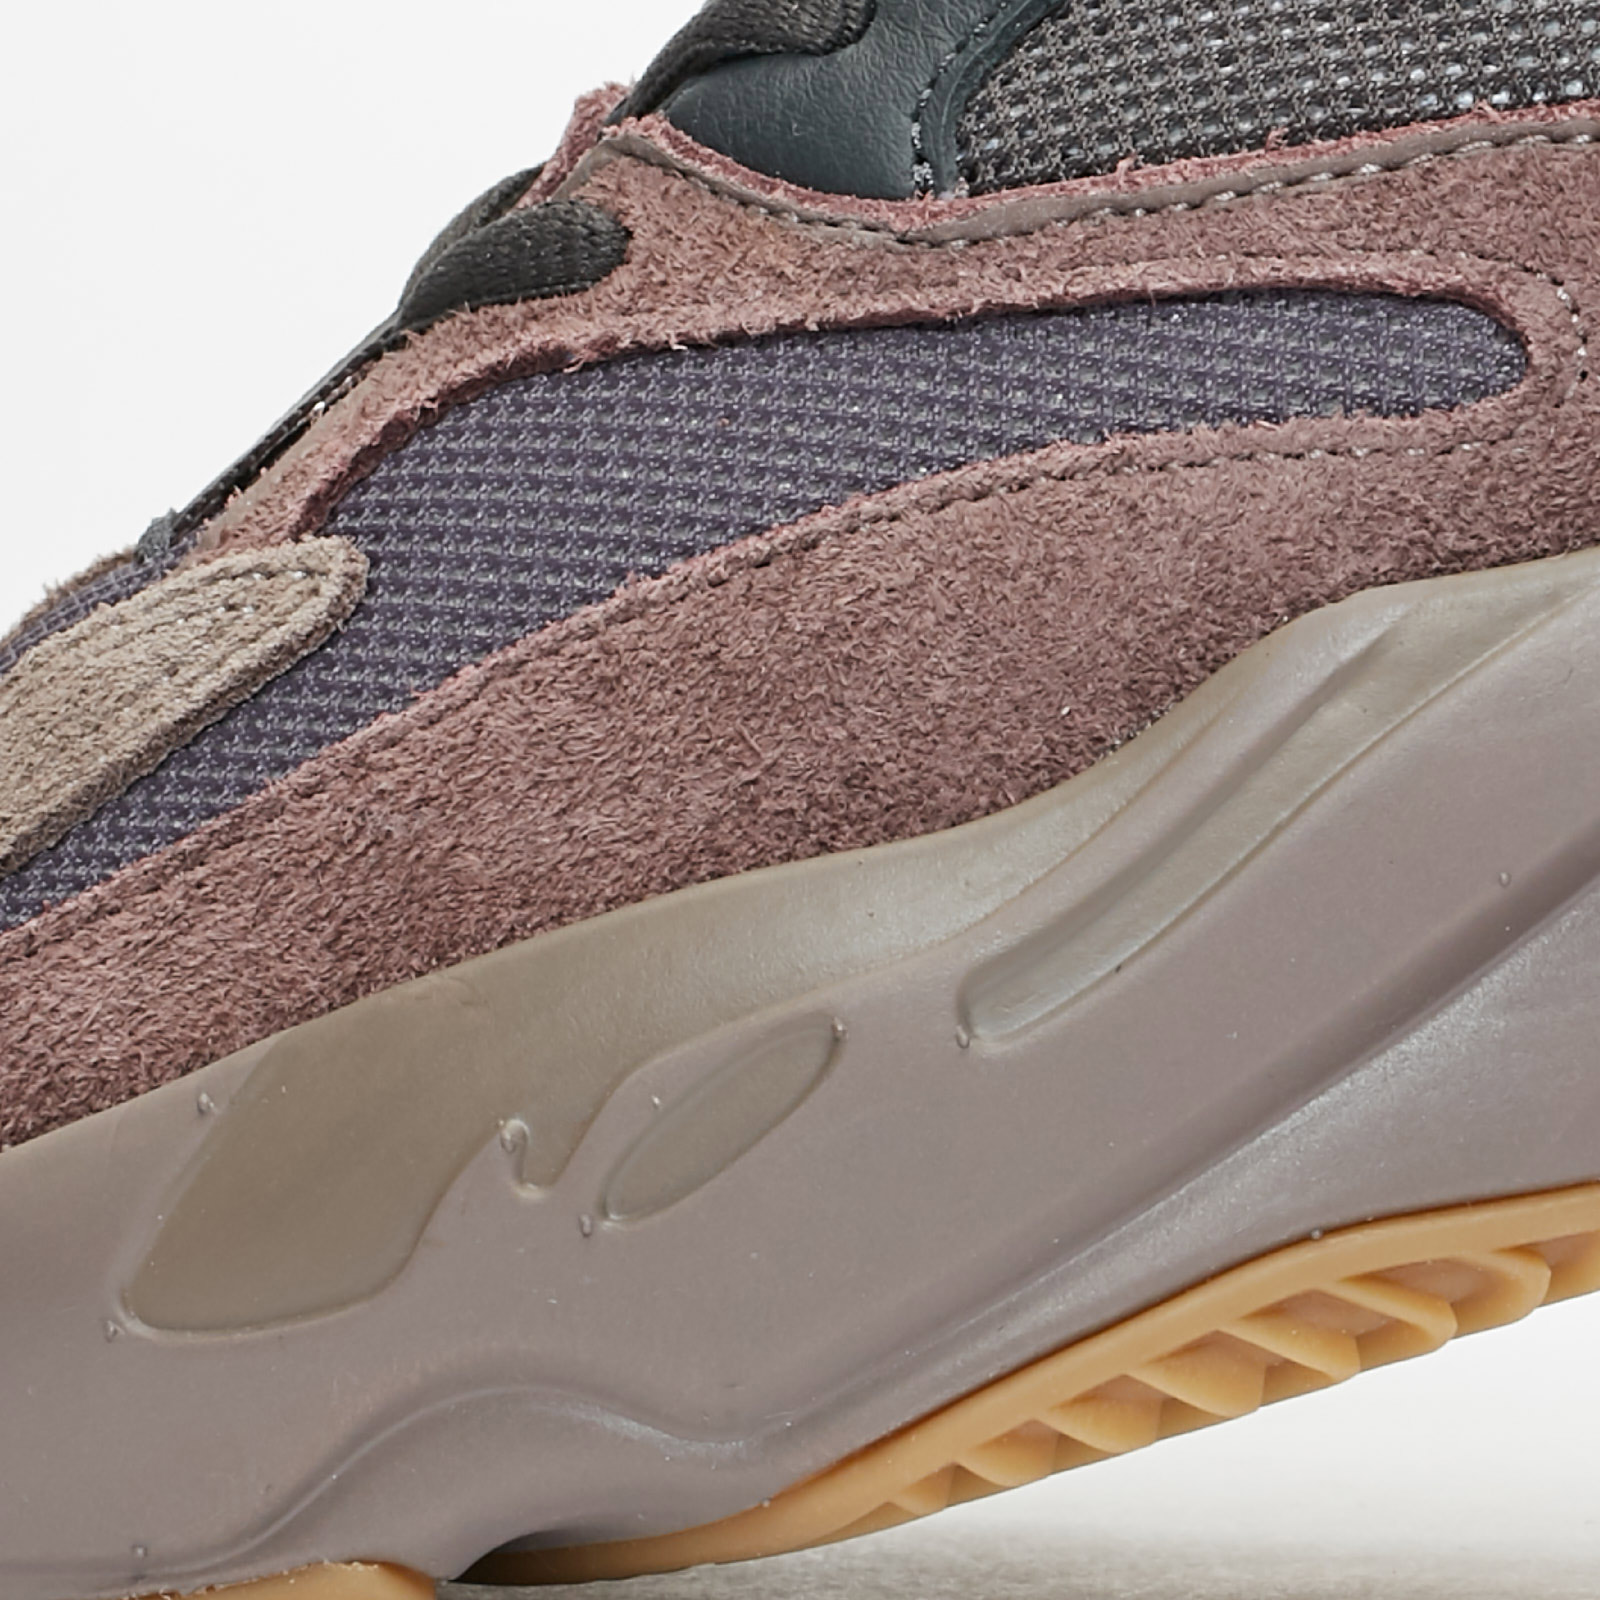 669892957 adidas YEEZY BOOST 700 - Ee9614 - Sneakersnstuff